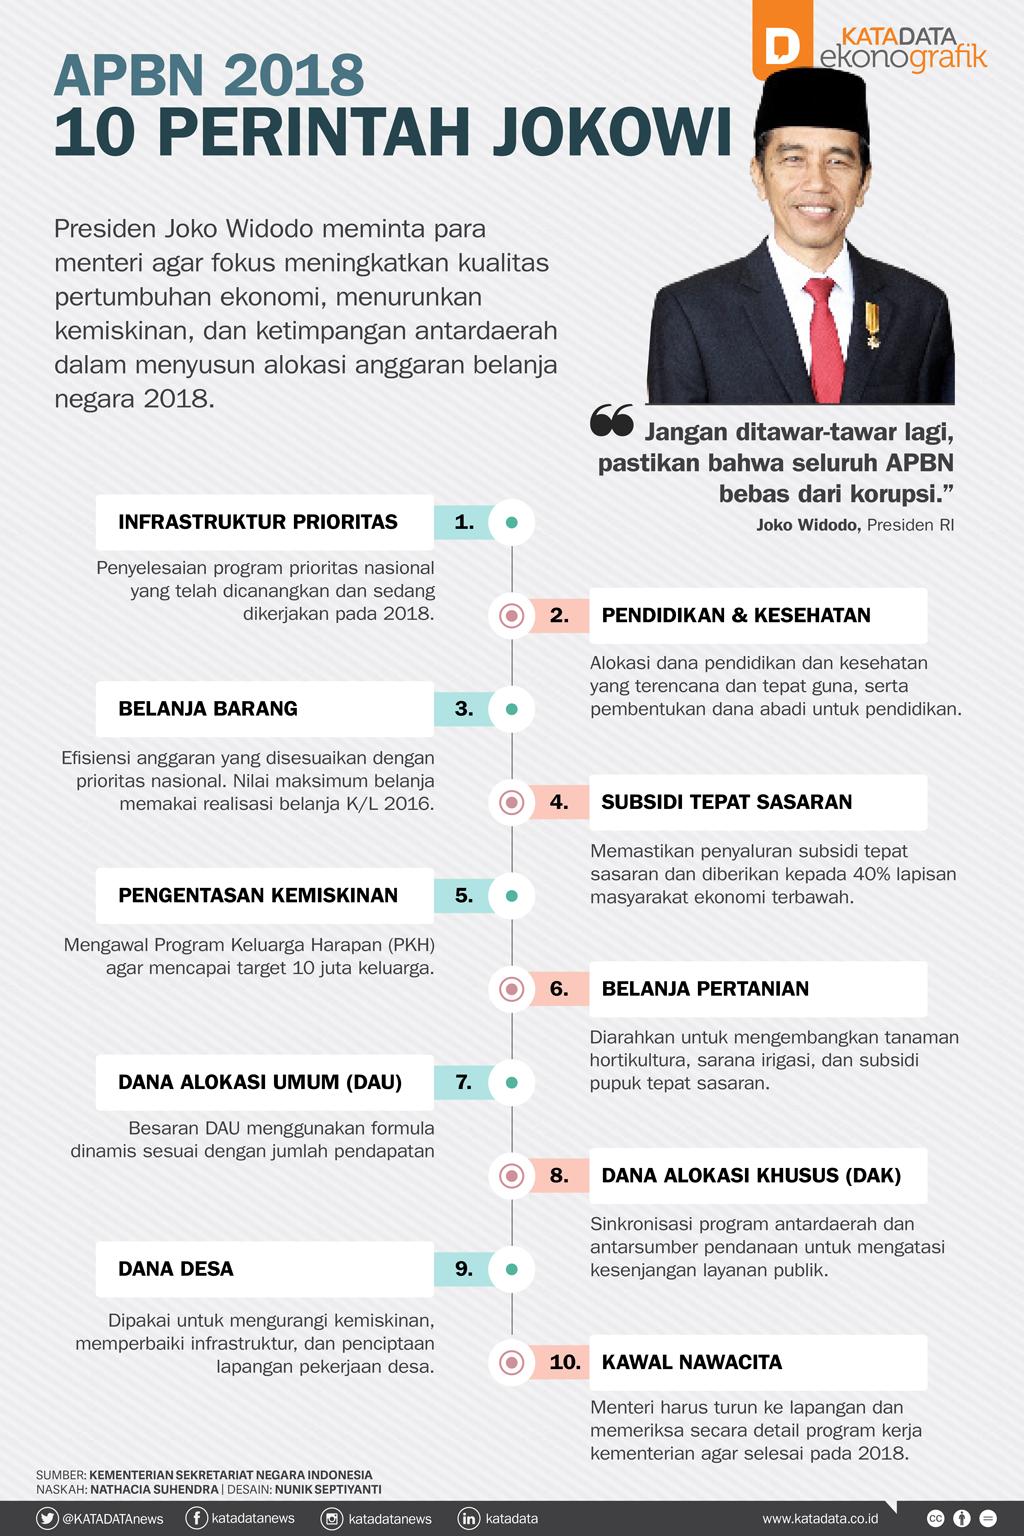 10 Perintah Jokowi